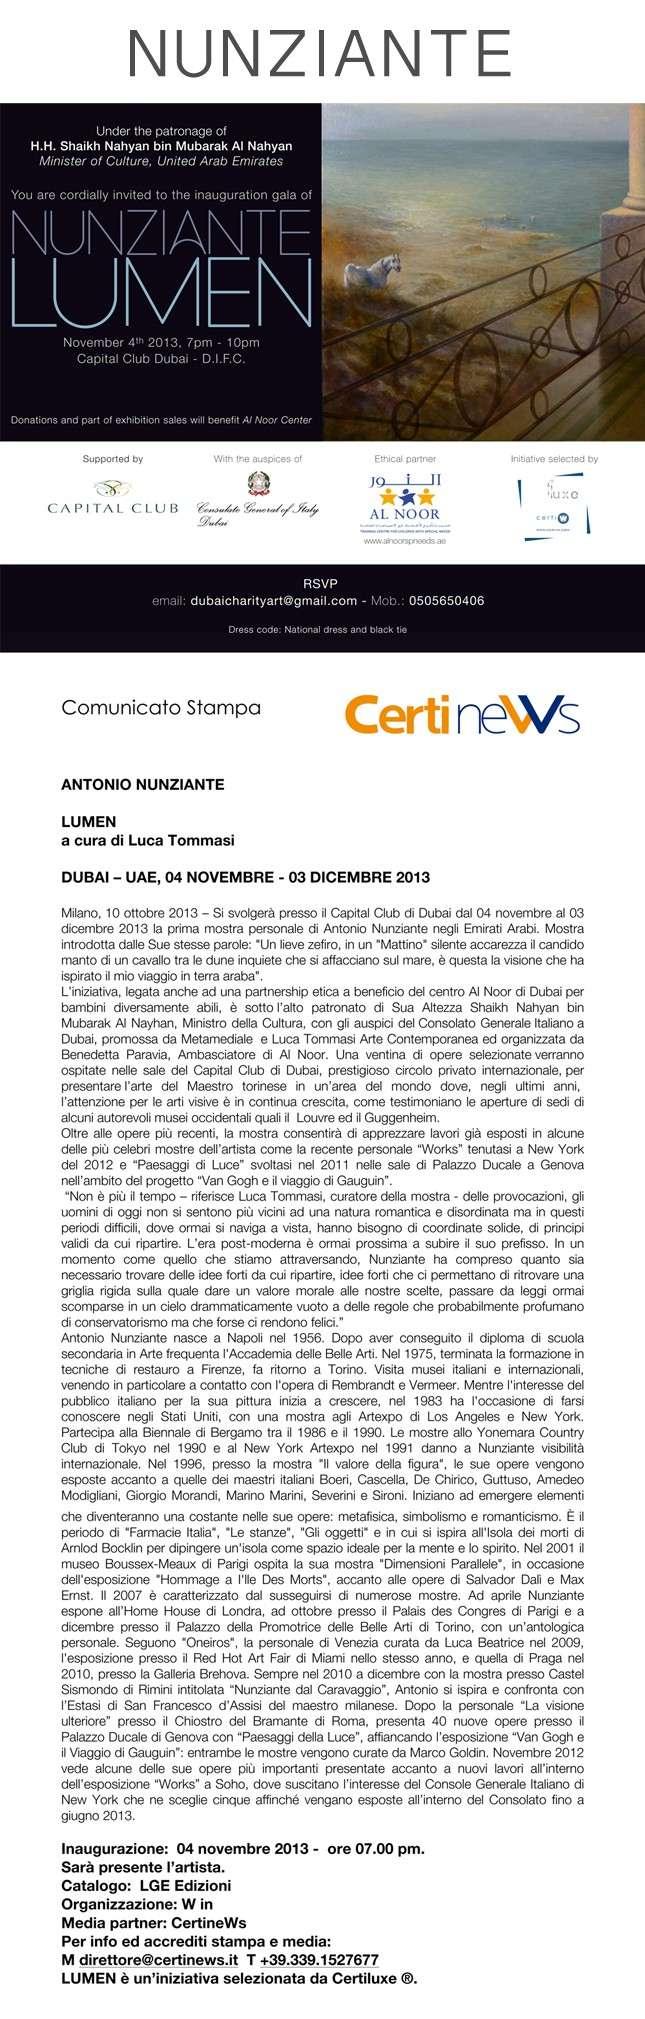 NUNZIANTE al Capital Club DUBAI, 4 Novembre-4 Dicembre 2013 - Pagina 4 29101310